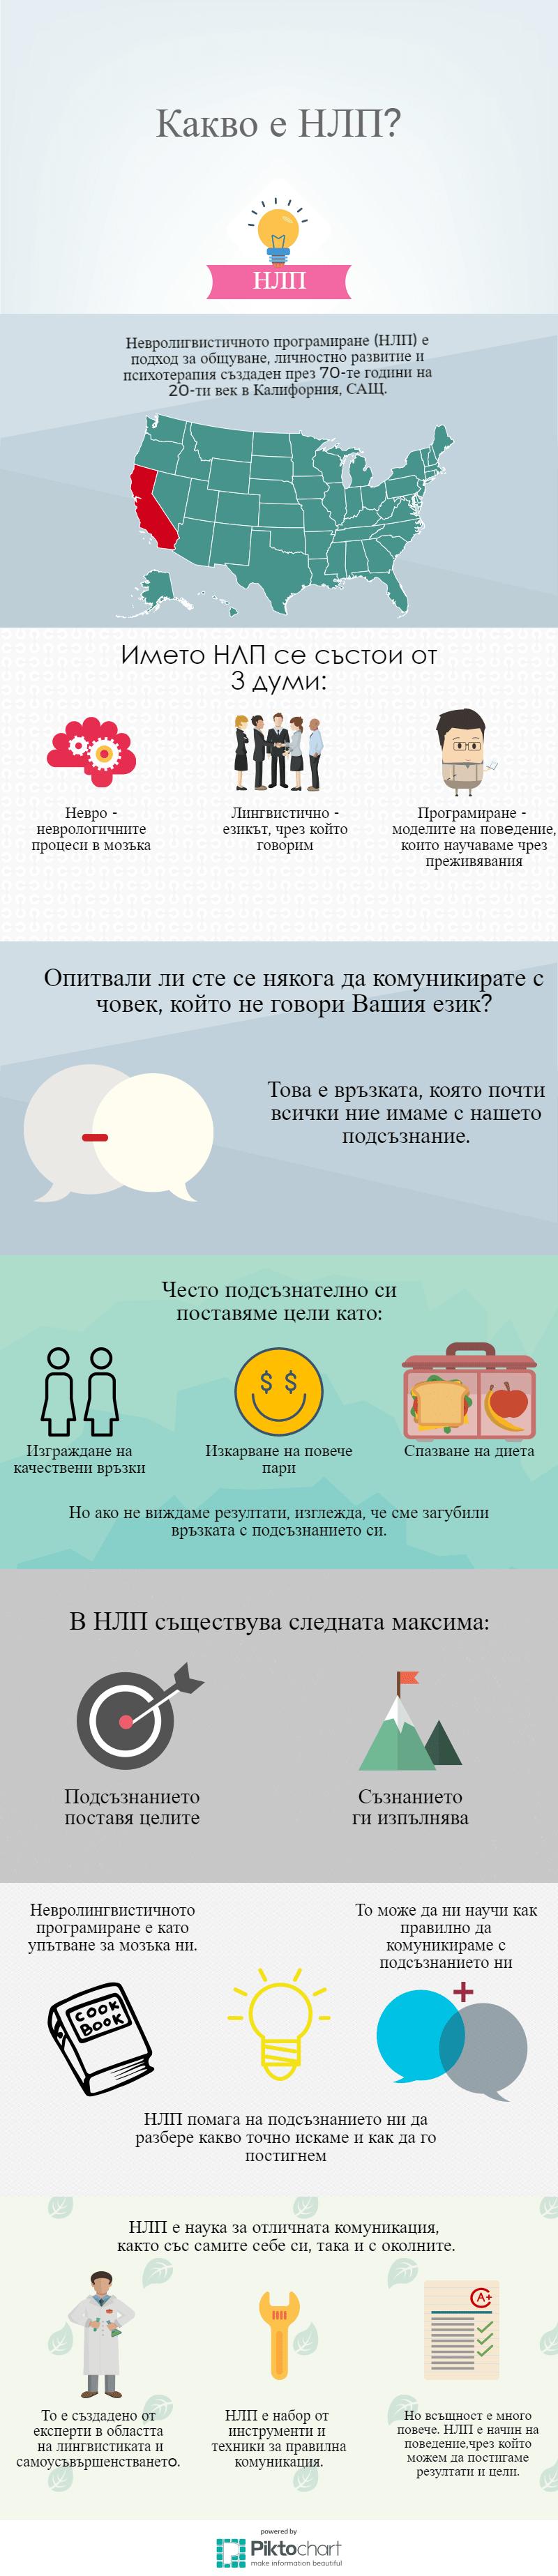 kakvo-e-nlp-infografika